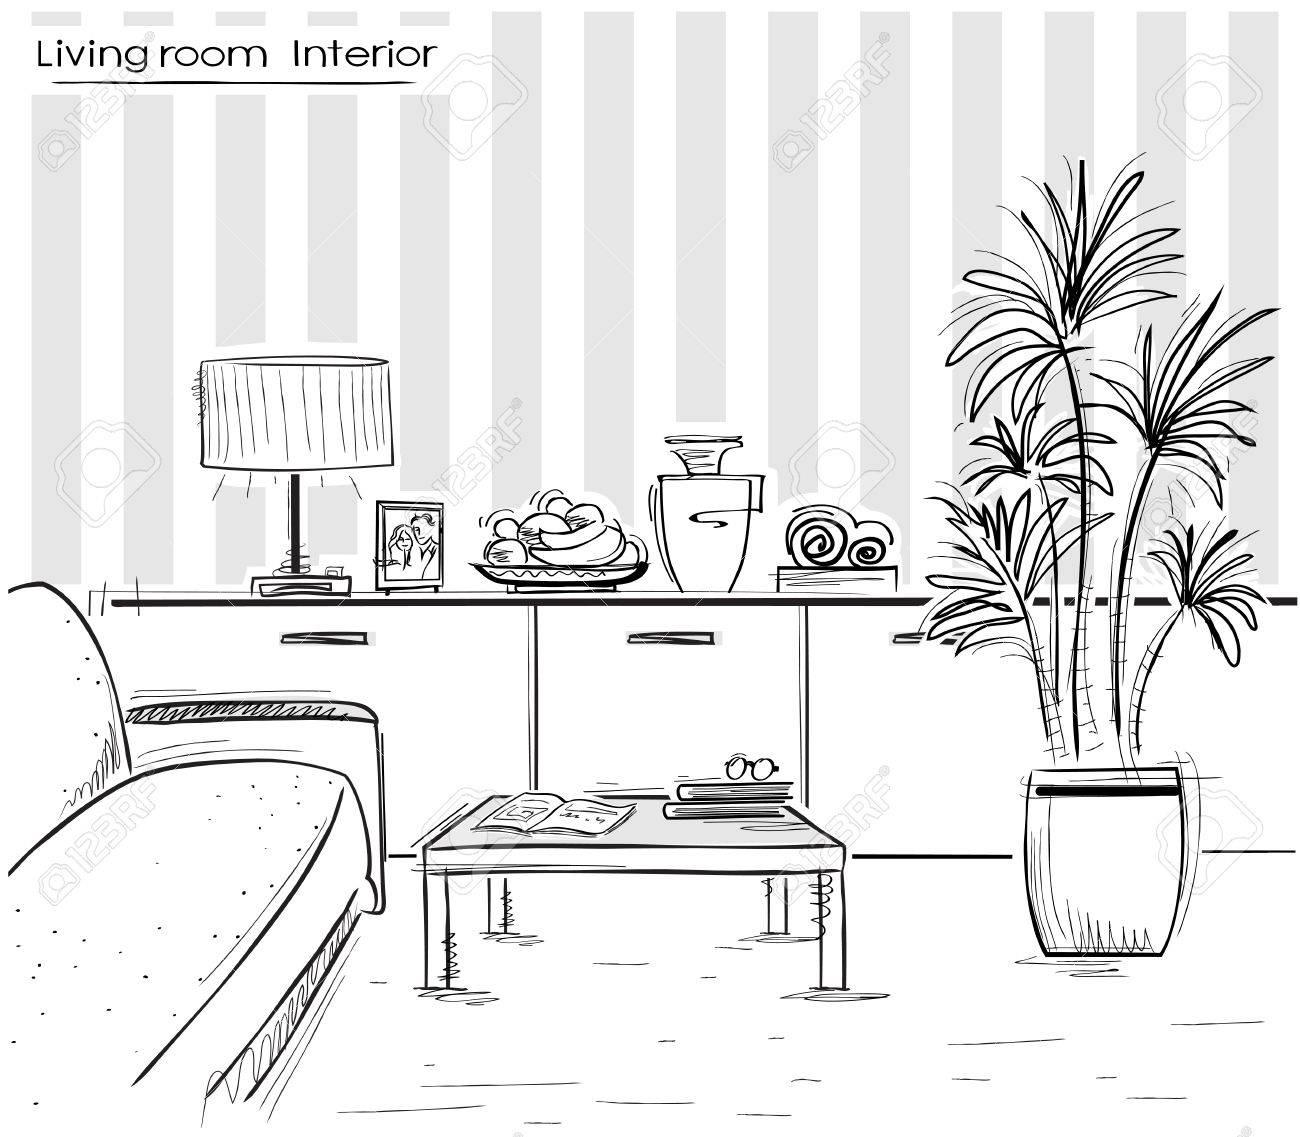 Unter Der Wohnzimmer Schwarz Skizzenhafte Darstellung Der Modernen